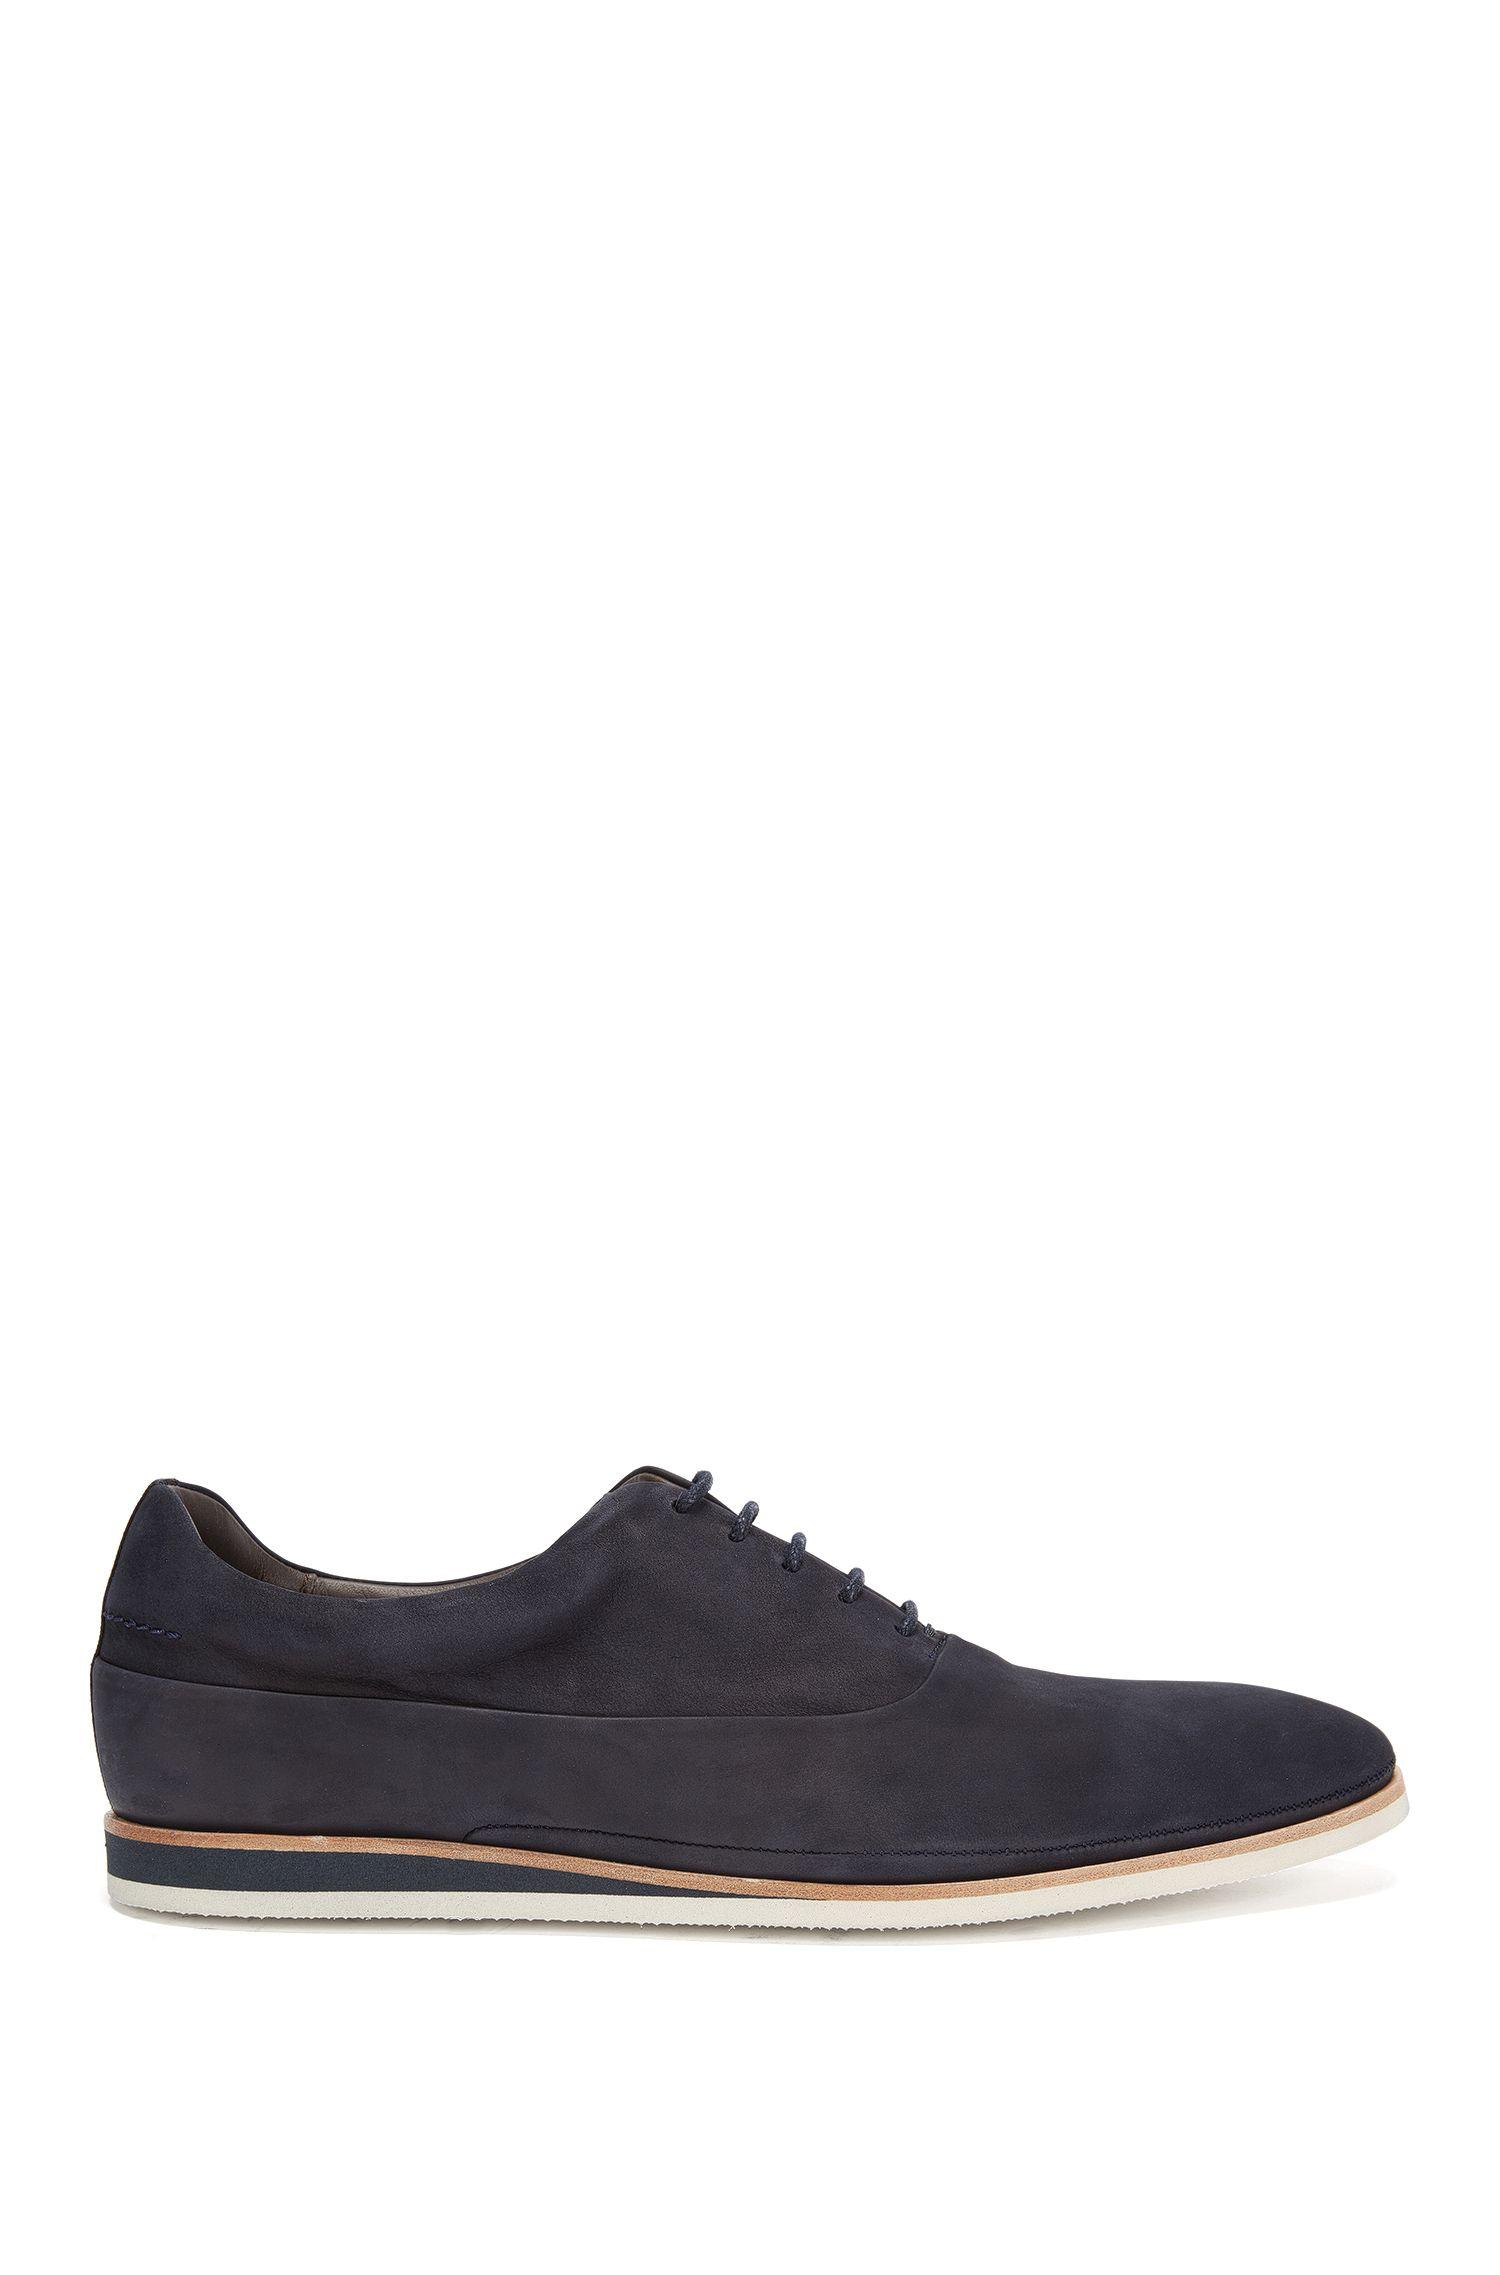 Zapatos de cordón en piel con suela en color contrastado: 'Eclectic_Oxfr_nu'